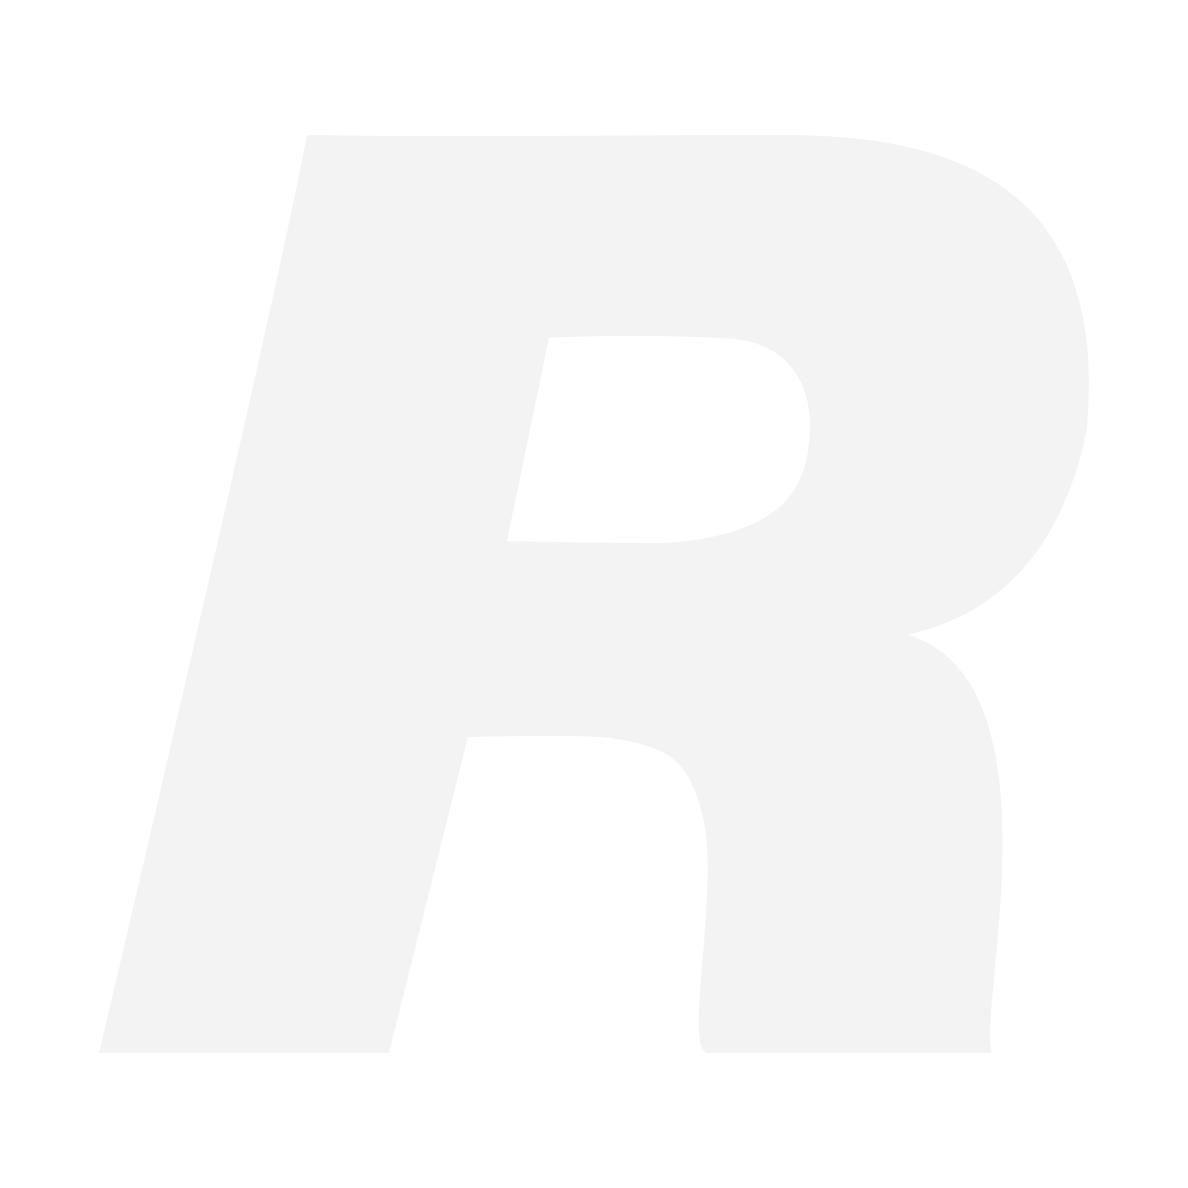 SONY RM-SPR1